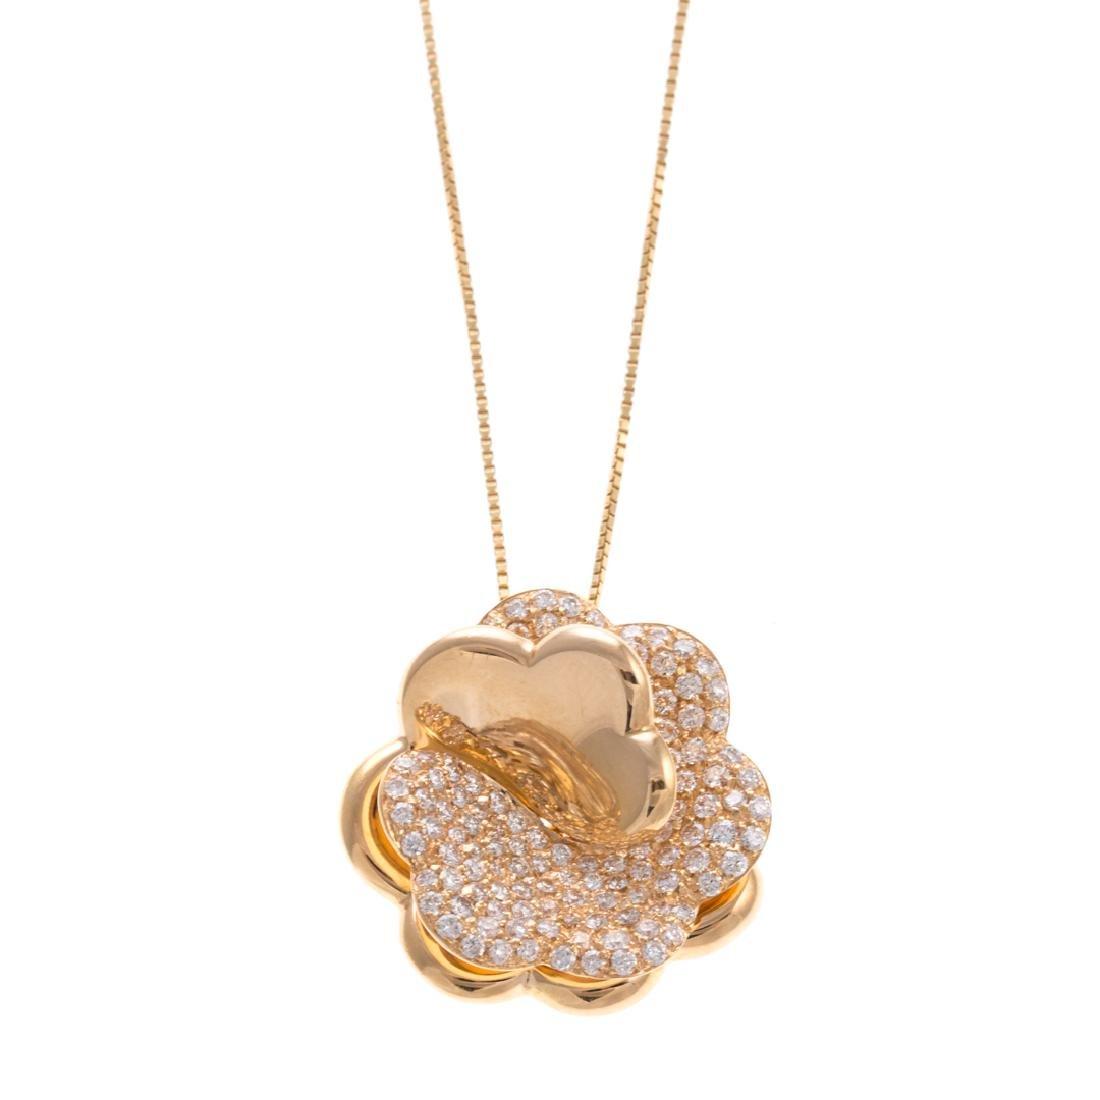 A Giorgio Visconti Diamond Flower Necklace in 18K